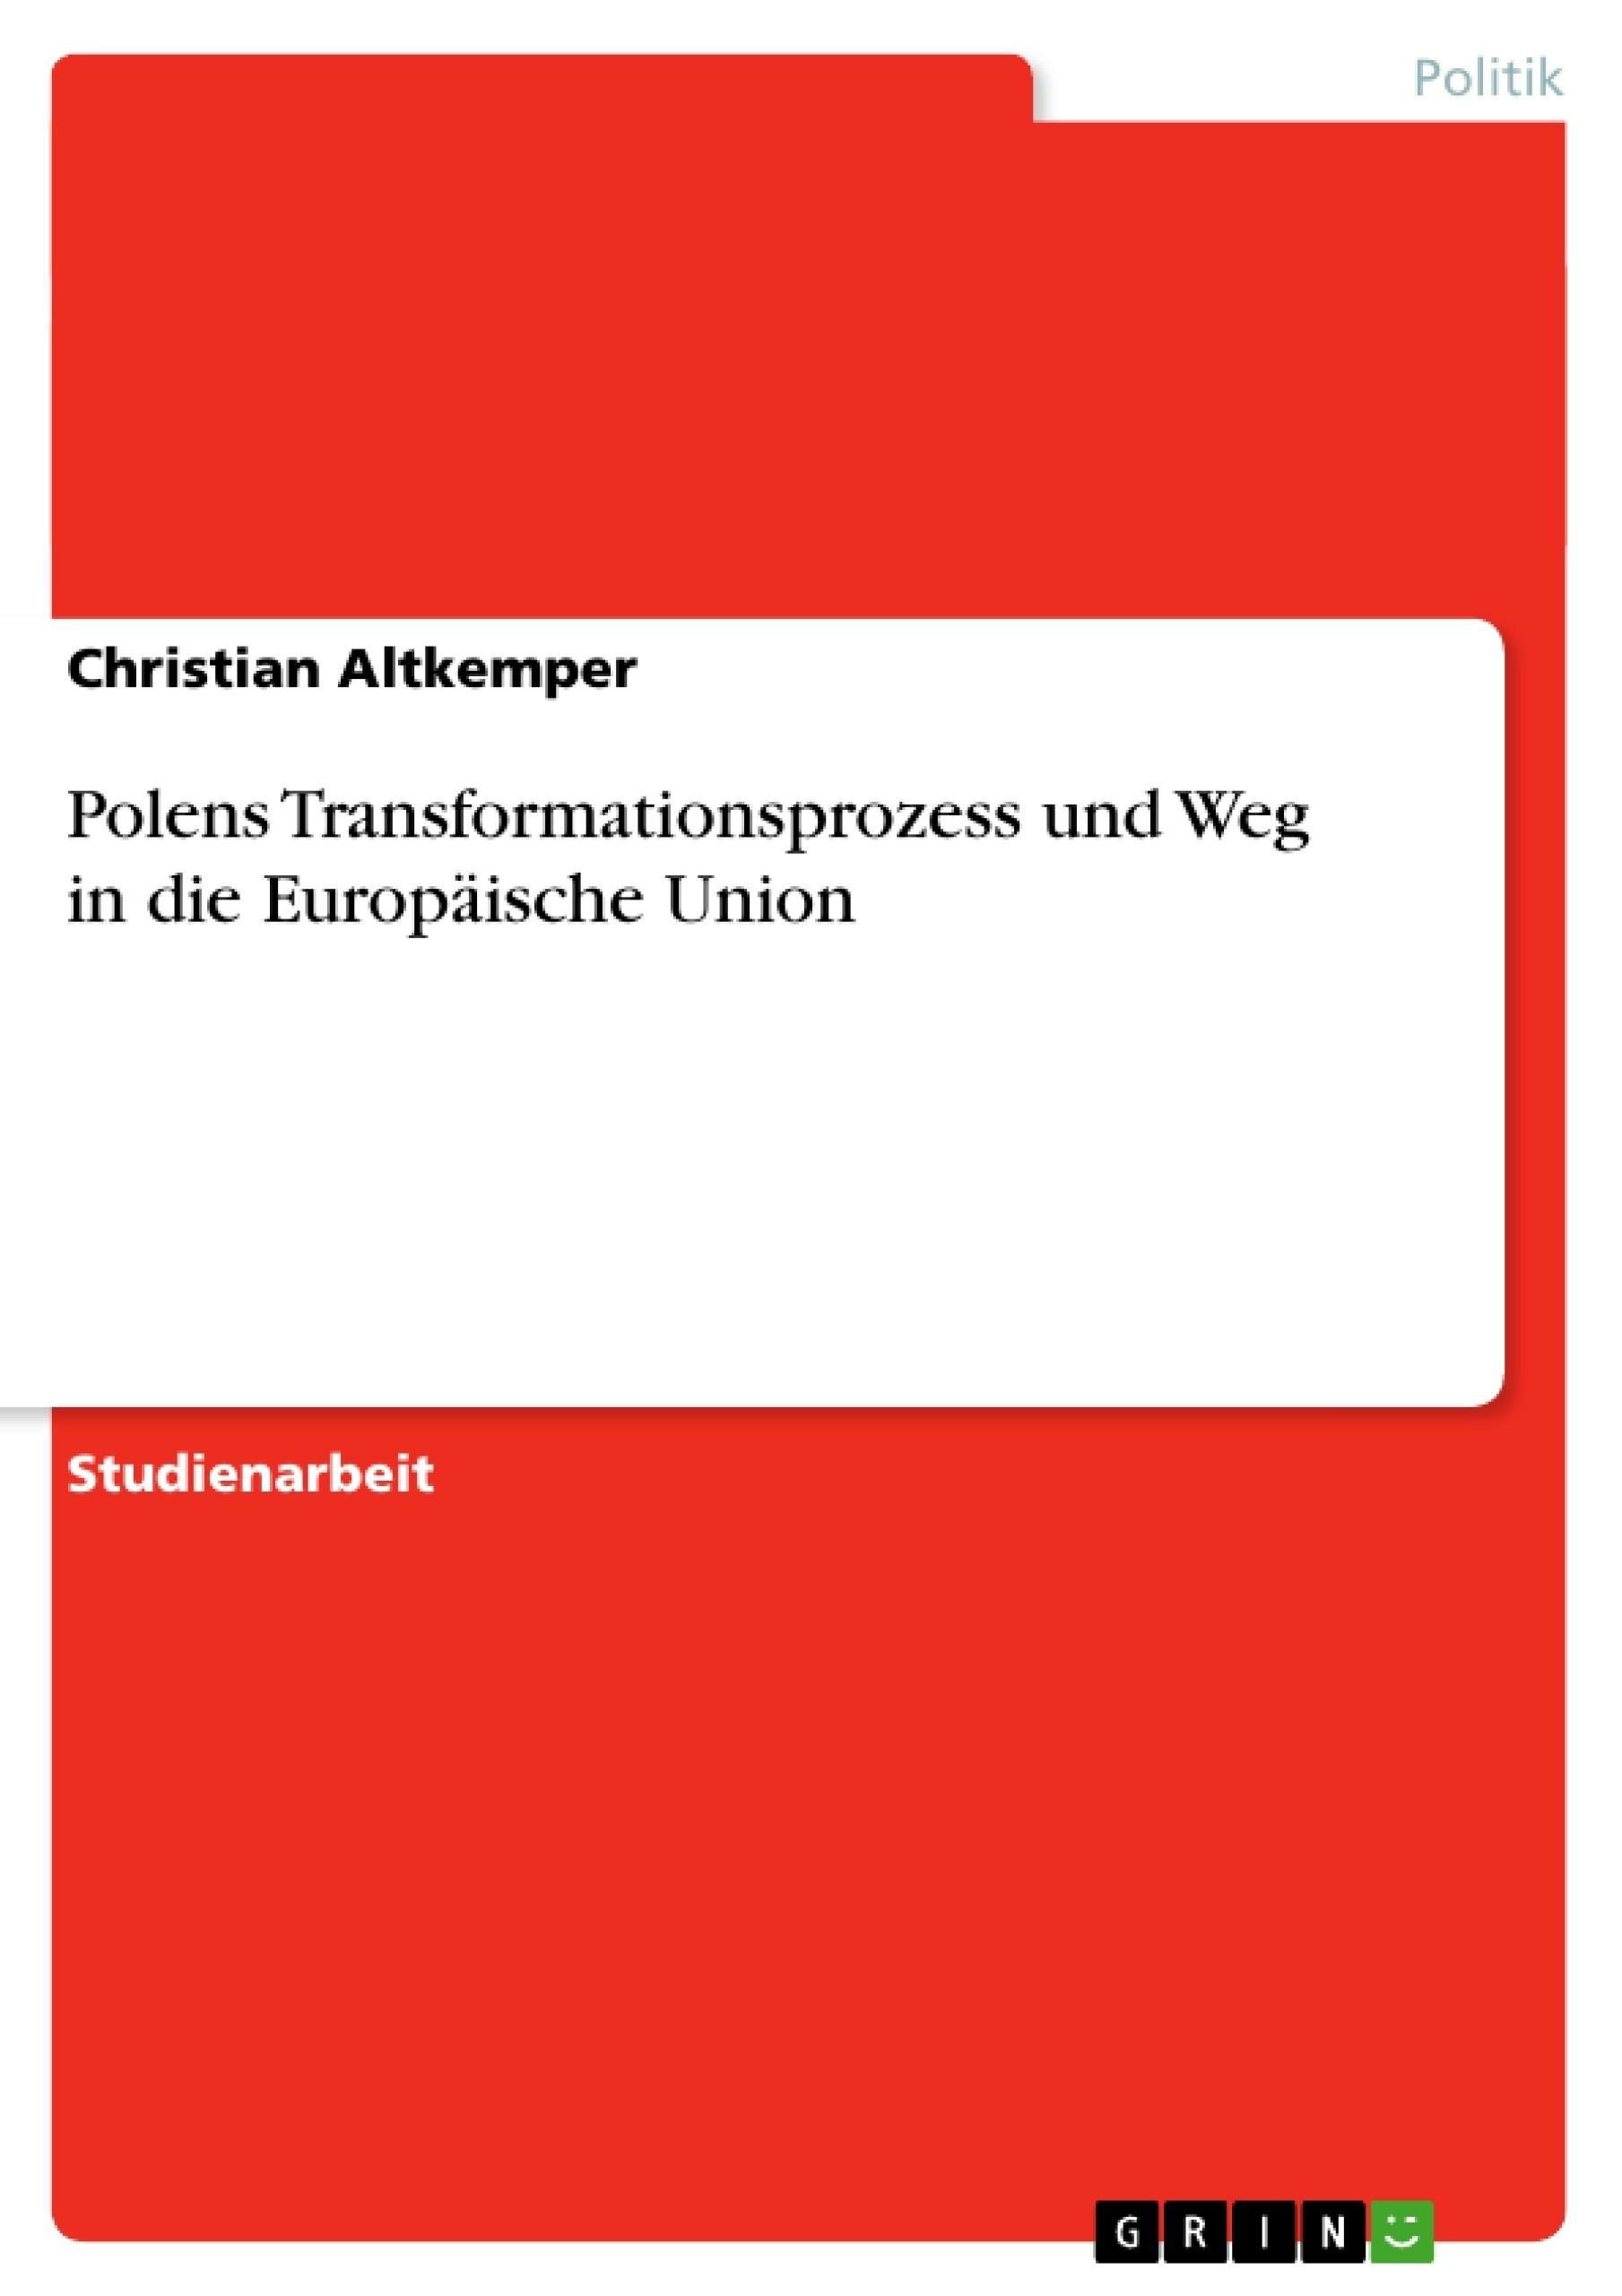 Titel: Polens Transformationsprozess und Weg in die Europäische Union